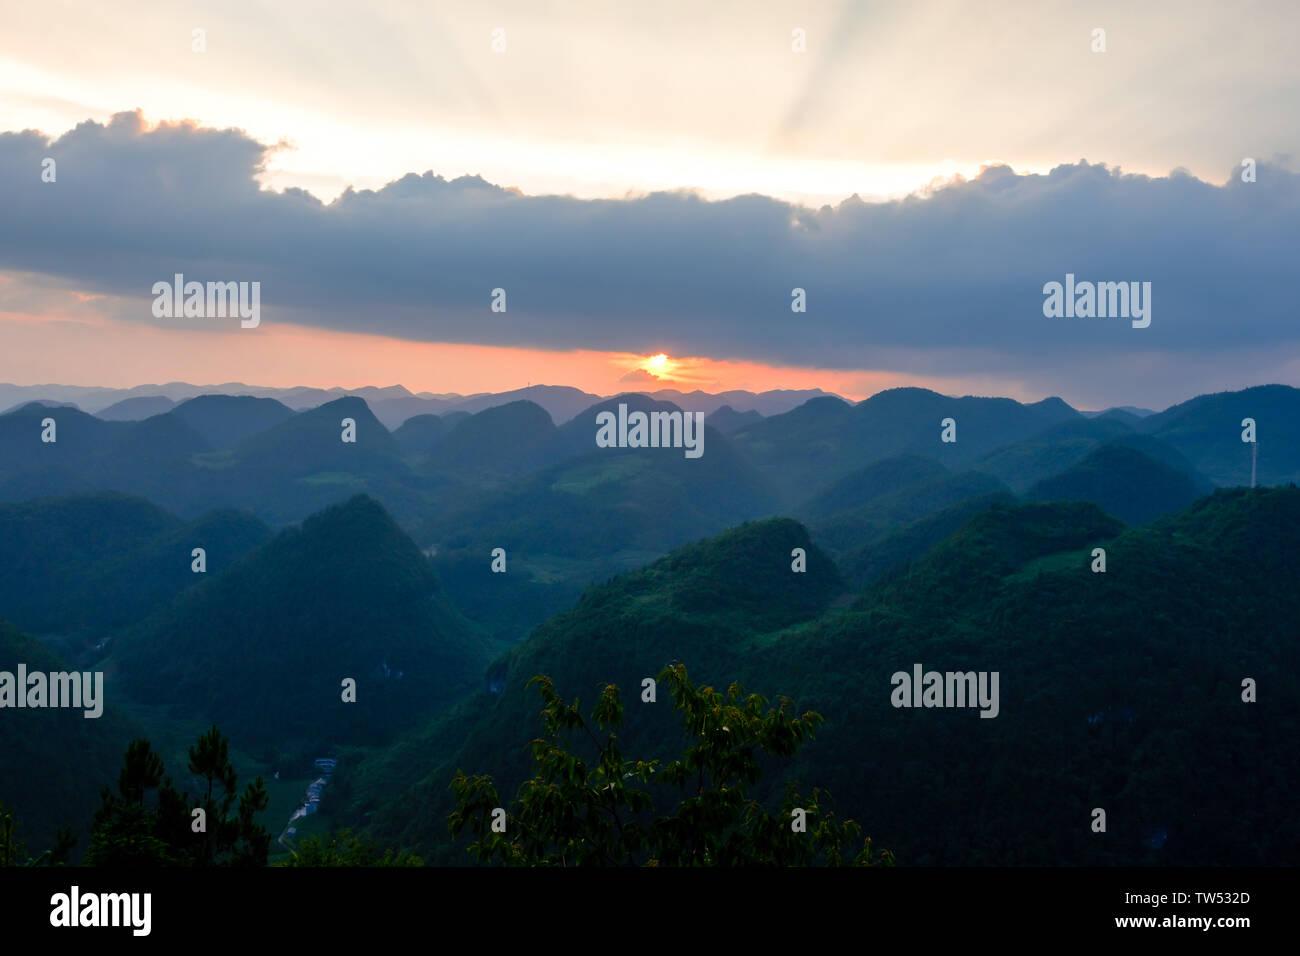 Sunset of Fei Yuetai, Tuanbao Town, Lichuan City, Enshi Tujia Miao Autonomous Prefecture, Hubei Province Stock Photo